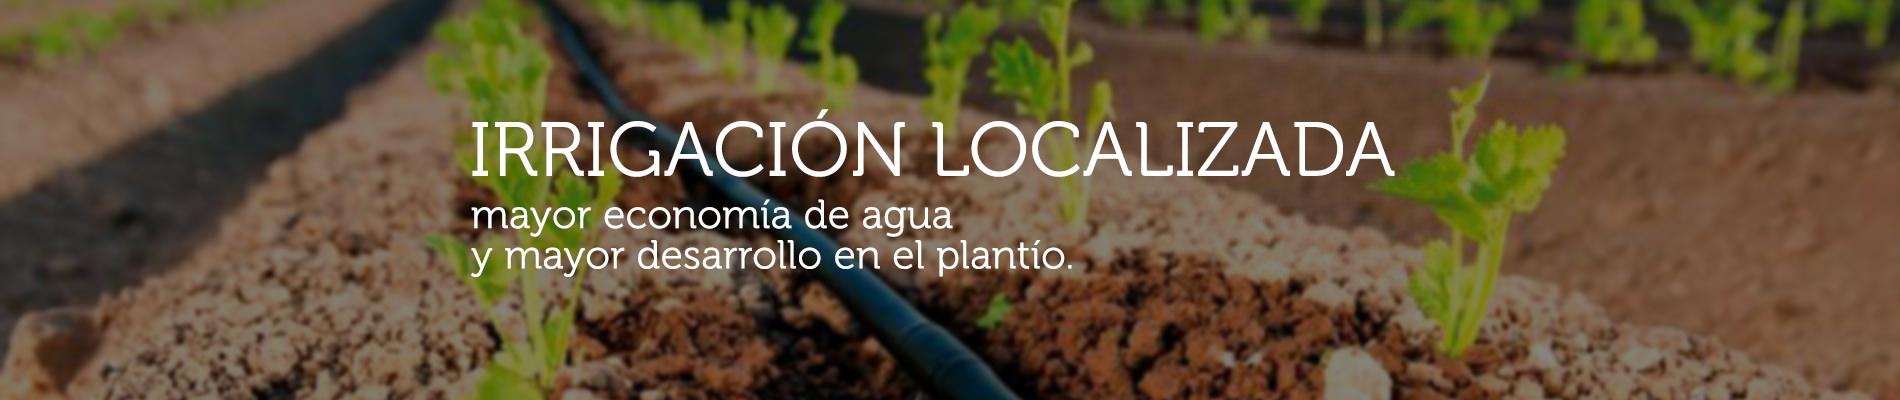 Mayor economía y desarrollo con la irrigación localizada